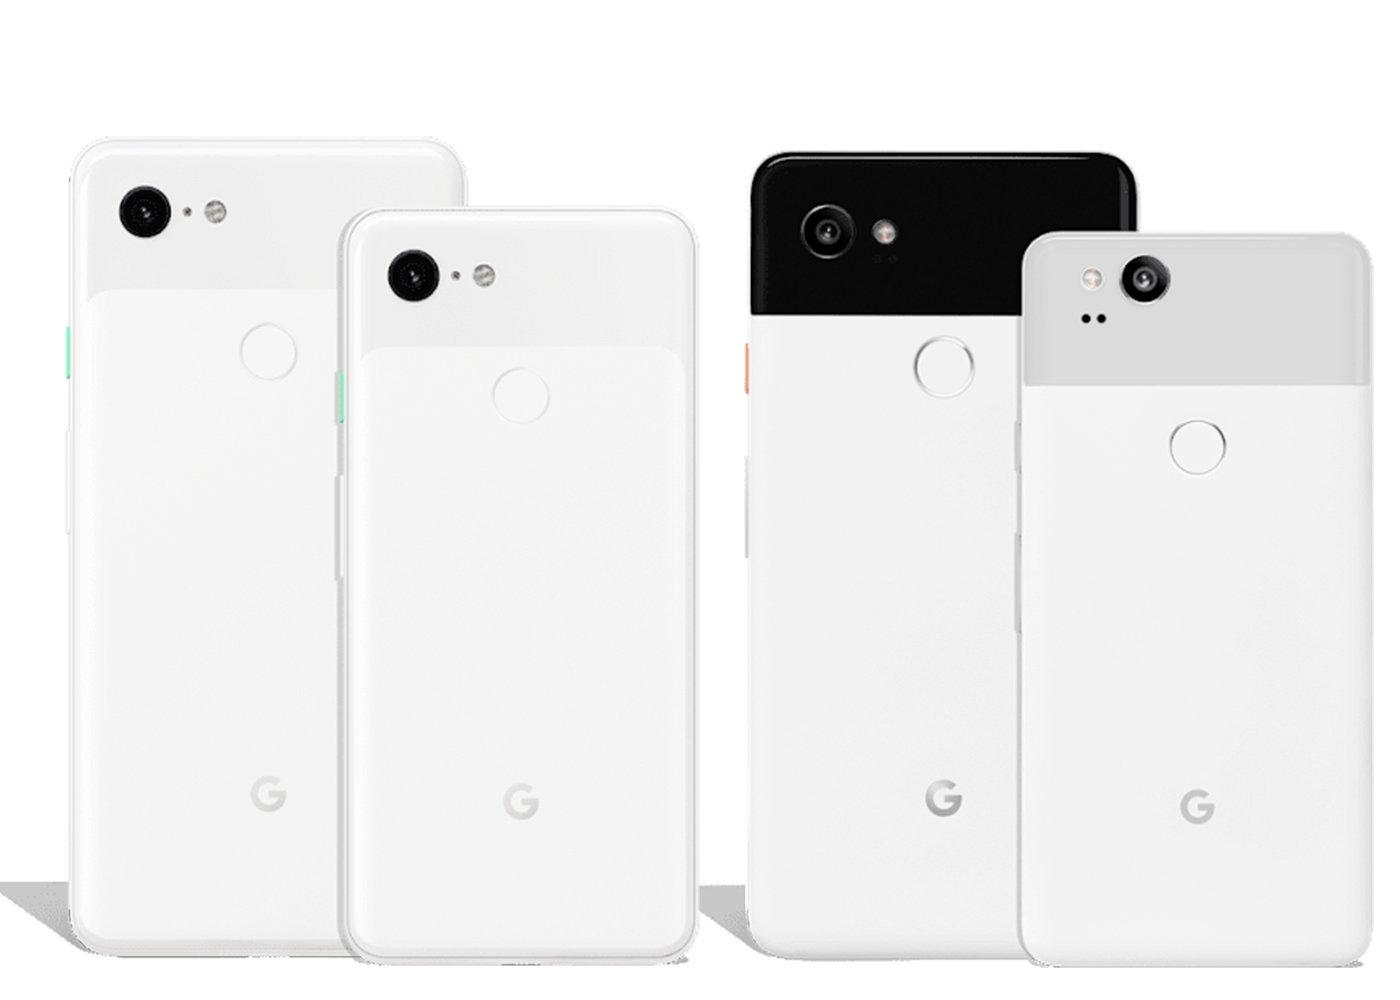 Google Pixel Security update